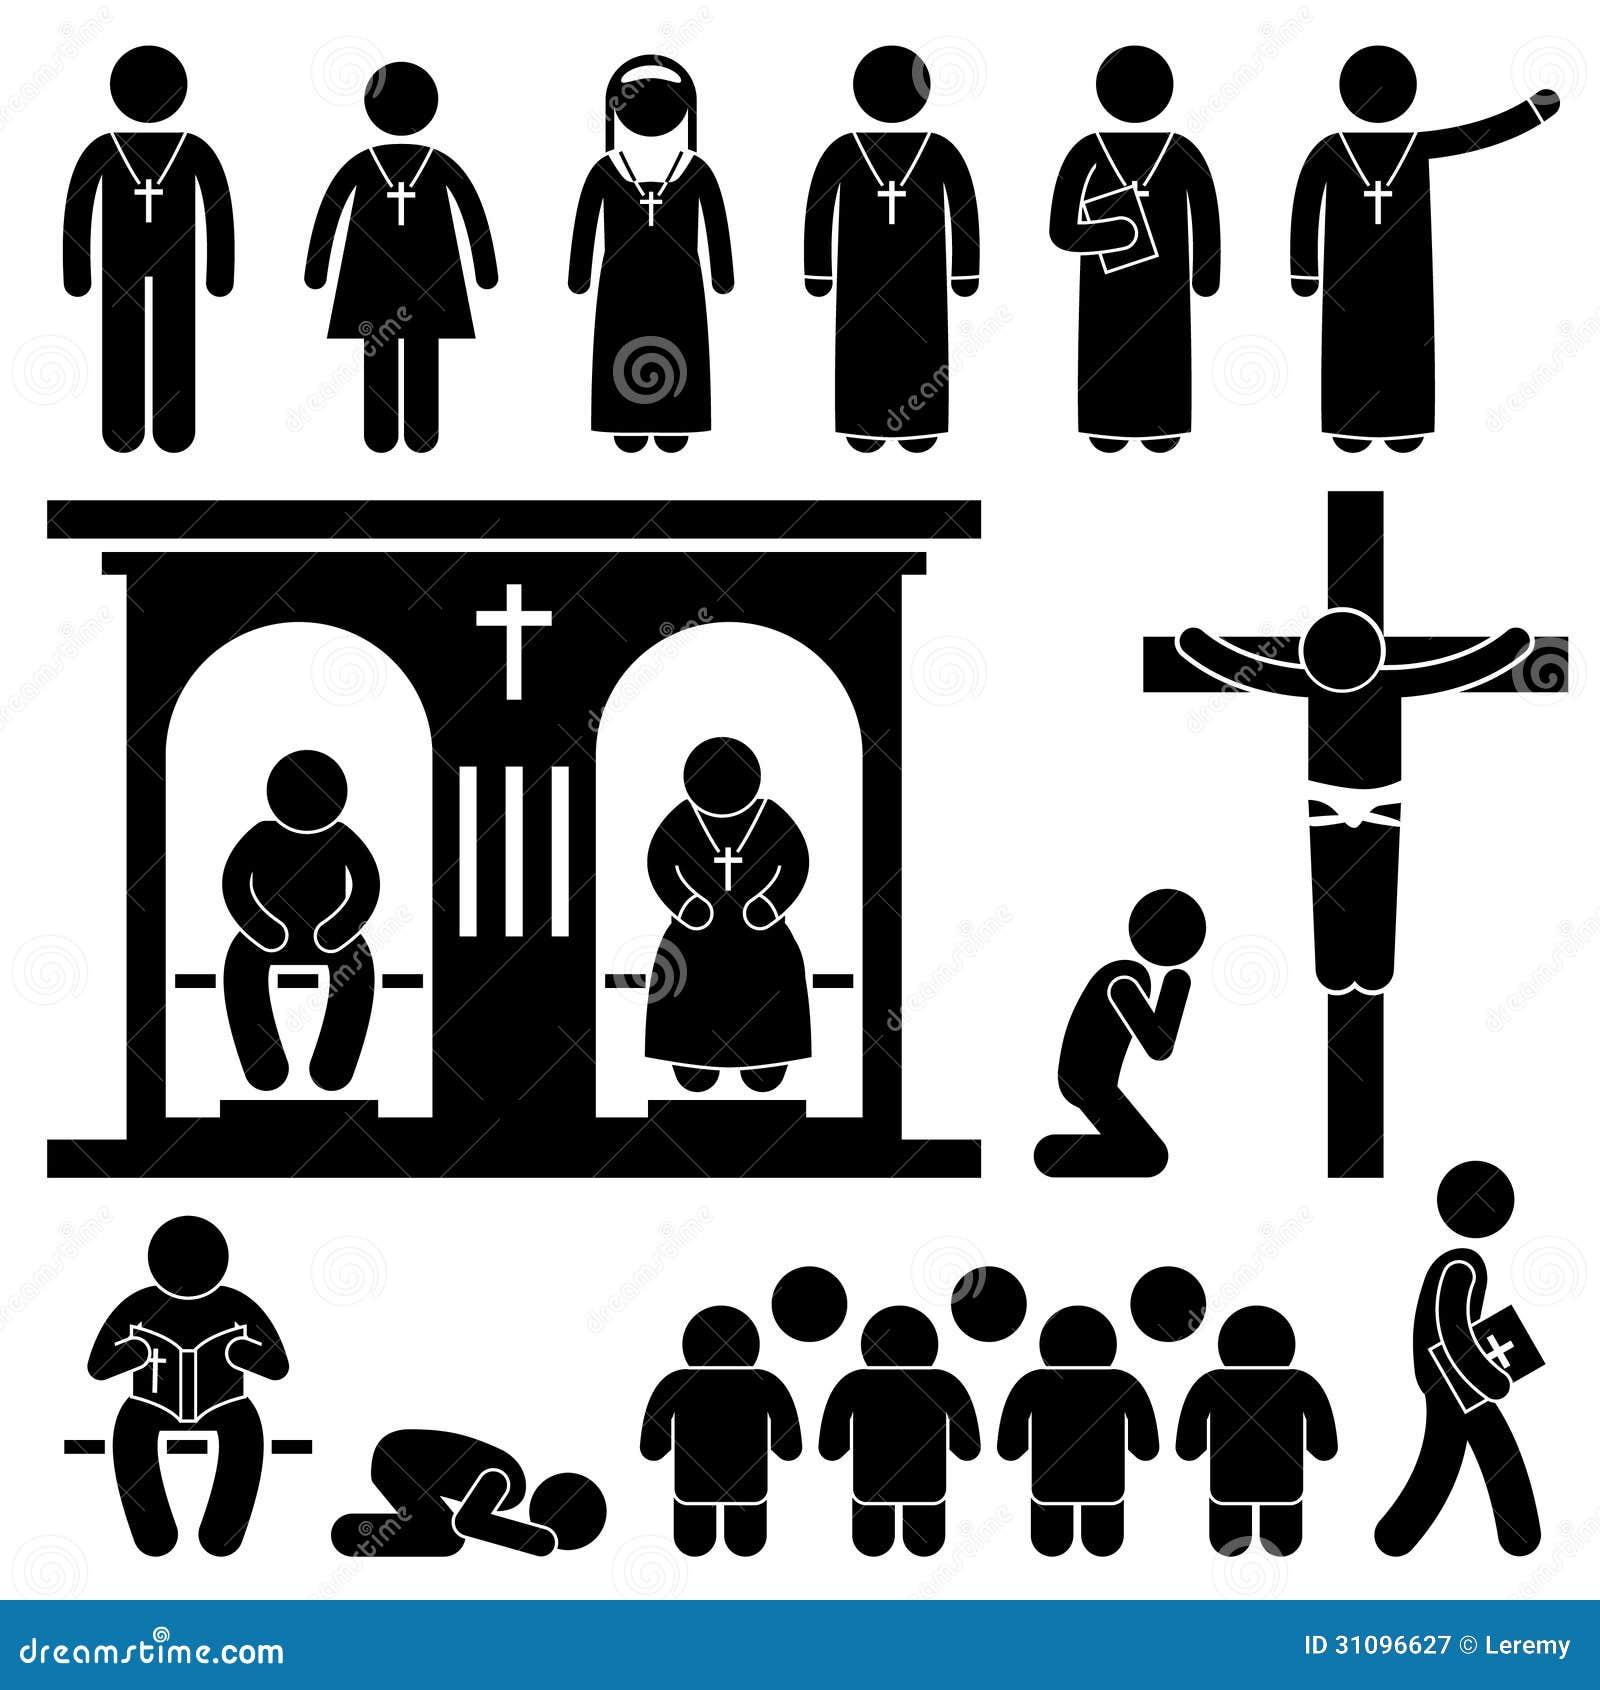 nonreligious person